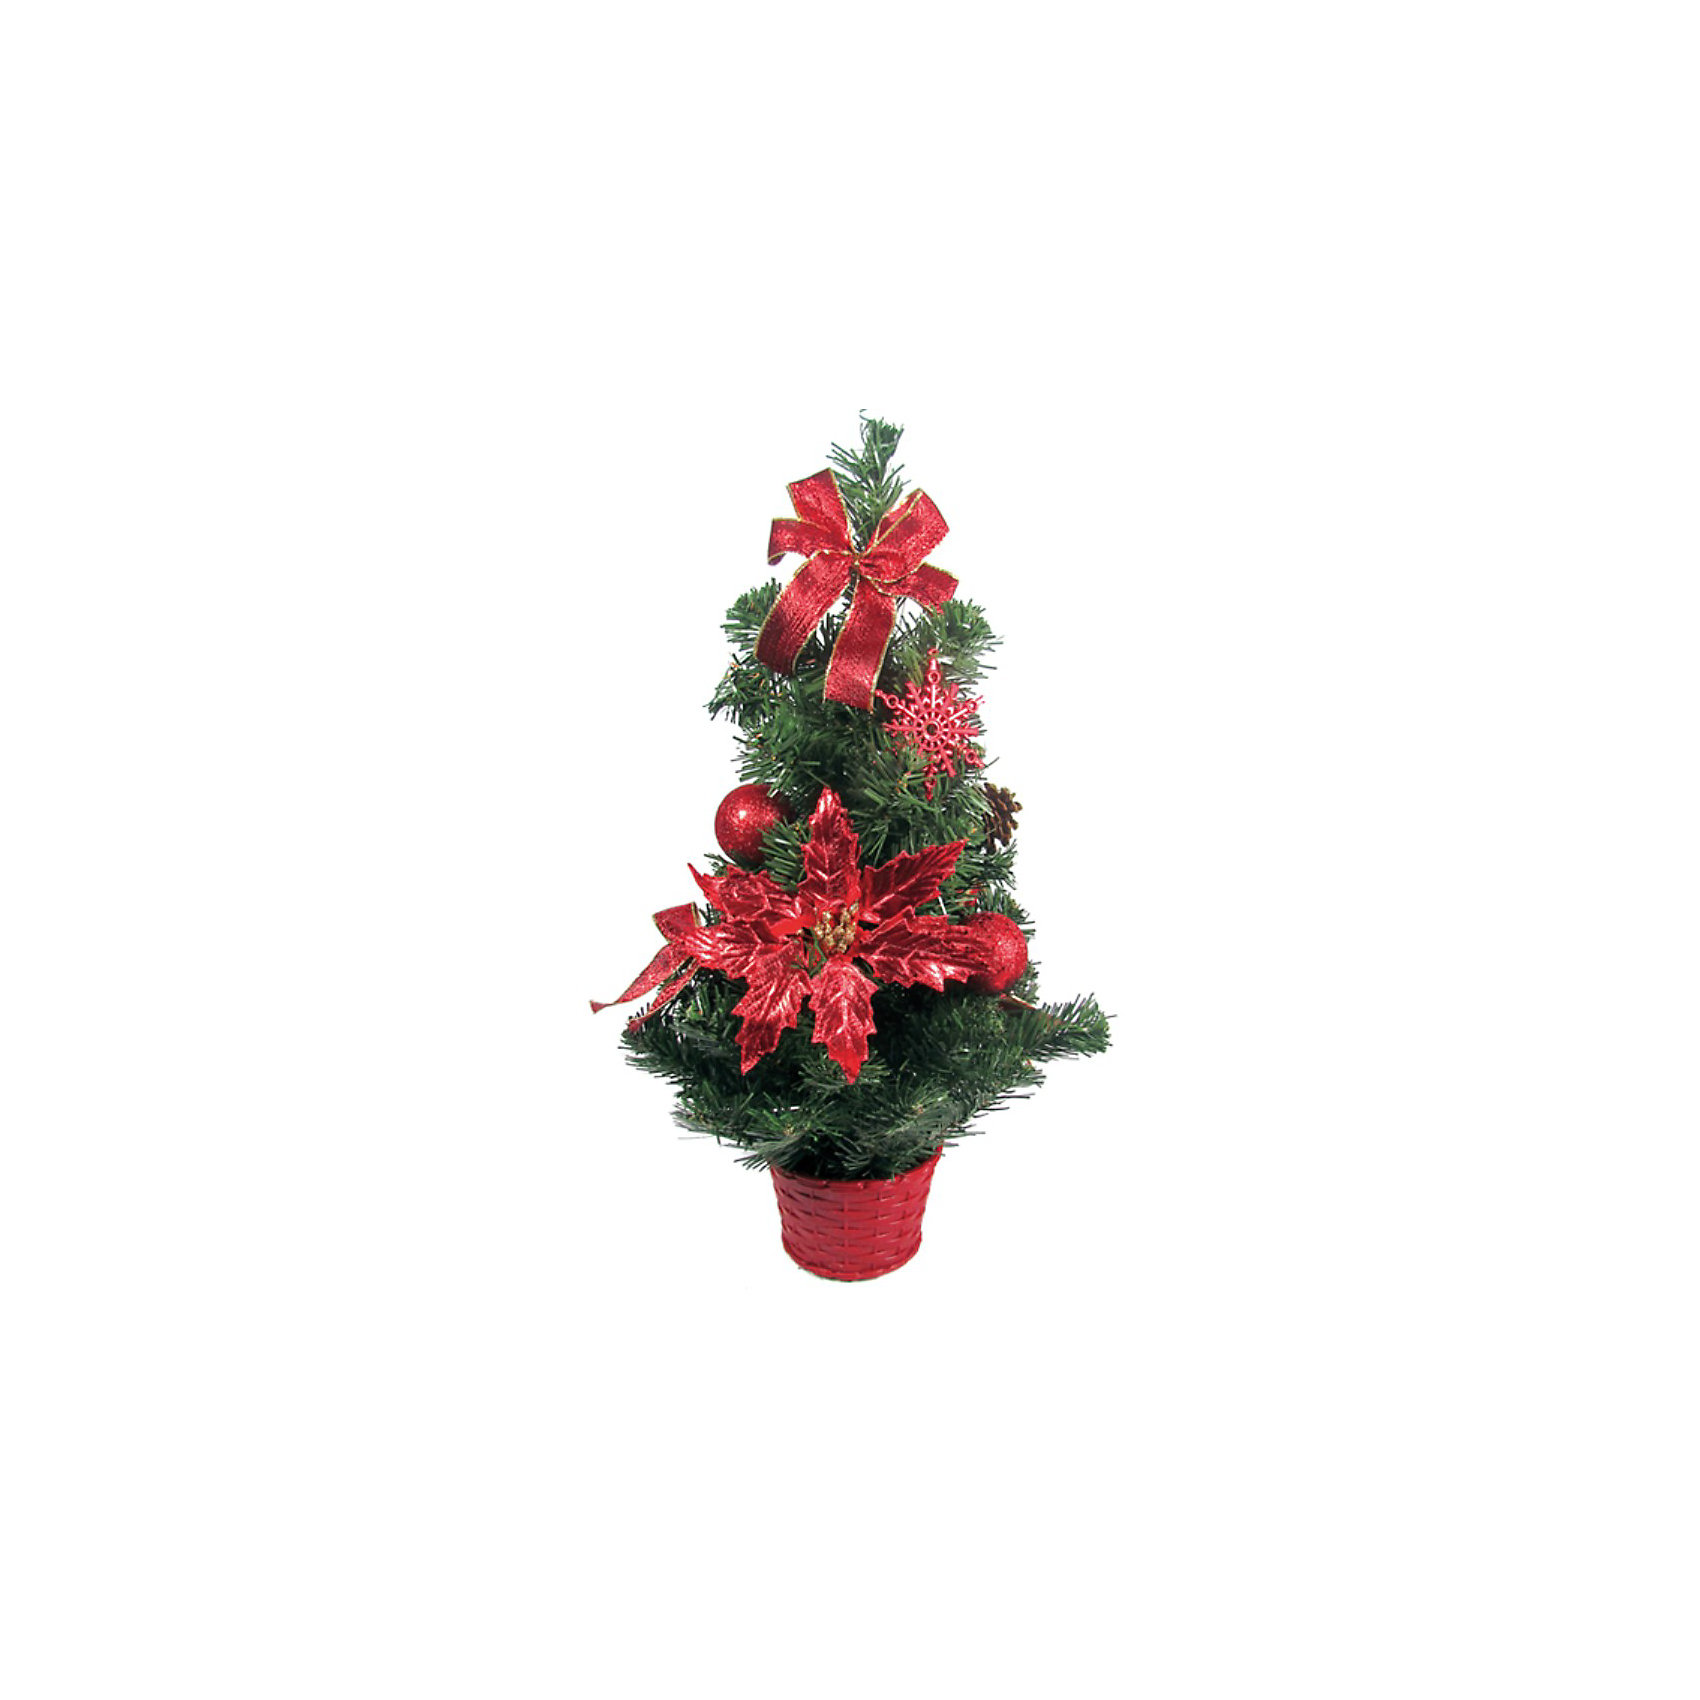 Елка декоративная с красными украшениями, 50 смЕлка декоративная с красными украшениями, 50 см.<br>Эта ёлка отлично подойдет для тех, кто ищет альтернативу живым ёлкам. Благодаря компактному размеру ёлку можно поставить в любой комнате. Ёлка украшена красивыми игрушками - бантами, цветами, шариками и шишками. Под такой ёлкой Деду Морозу обязательно захочется оставить желанные подарки!  <br><br>Дополнительная информация:  <br>Высота ёлки: 50 см.<br>Размер упаковки (д/ш/в): 30х20х50 см.<br><br>Ширина мм: 300<br>Глубина мм: 200<br>Высота мм: 500<br>Вес г: 500<br>Возраст от месяцев: 36<br>Возраст до месяцев: 180<br>Пол: Унисекс<br>Возраст: Детский<br>SKU: 2572945